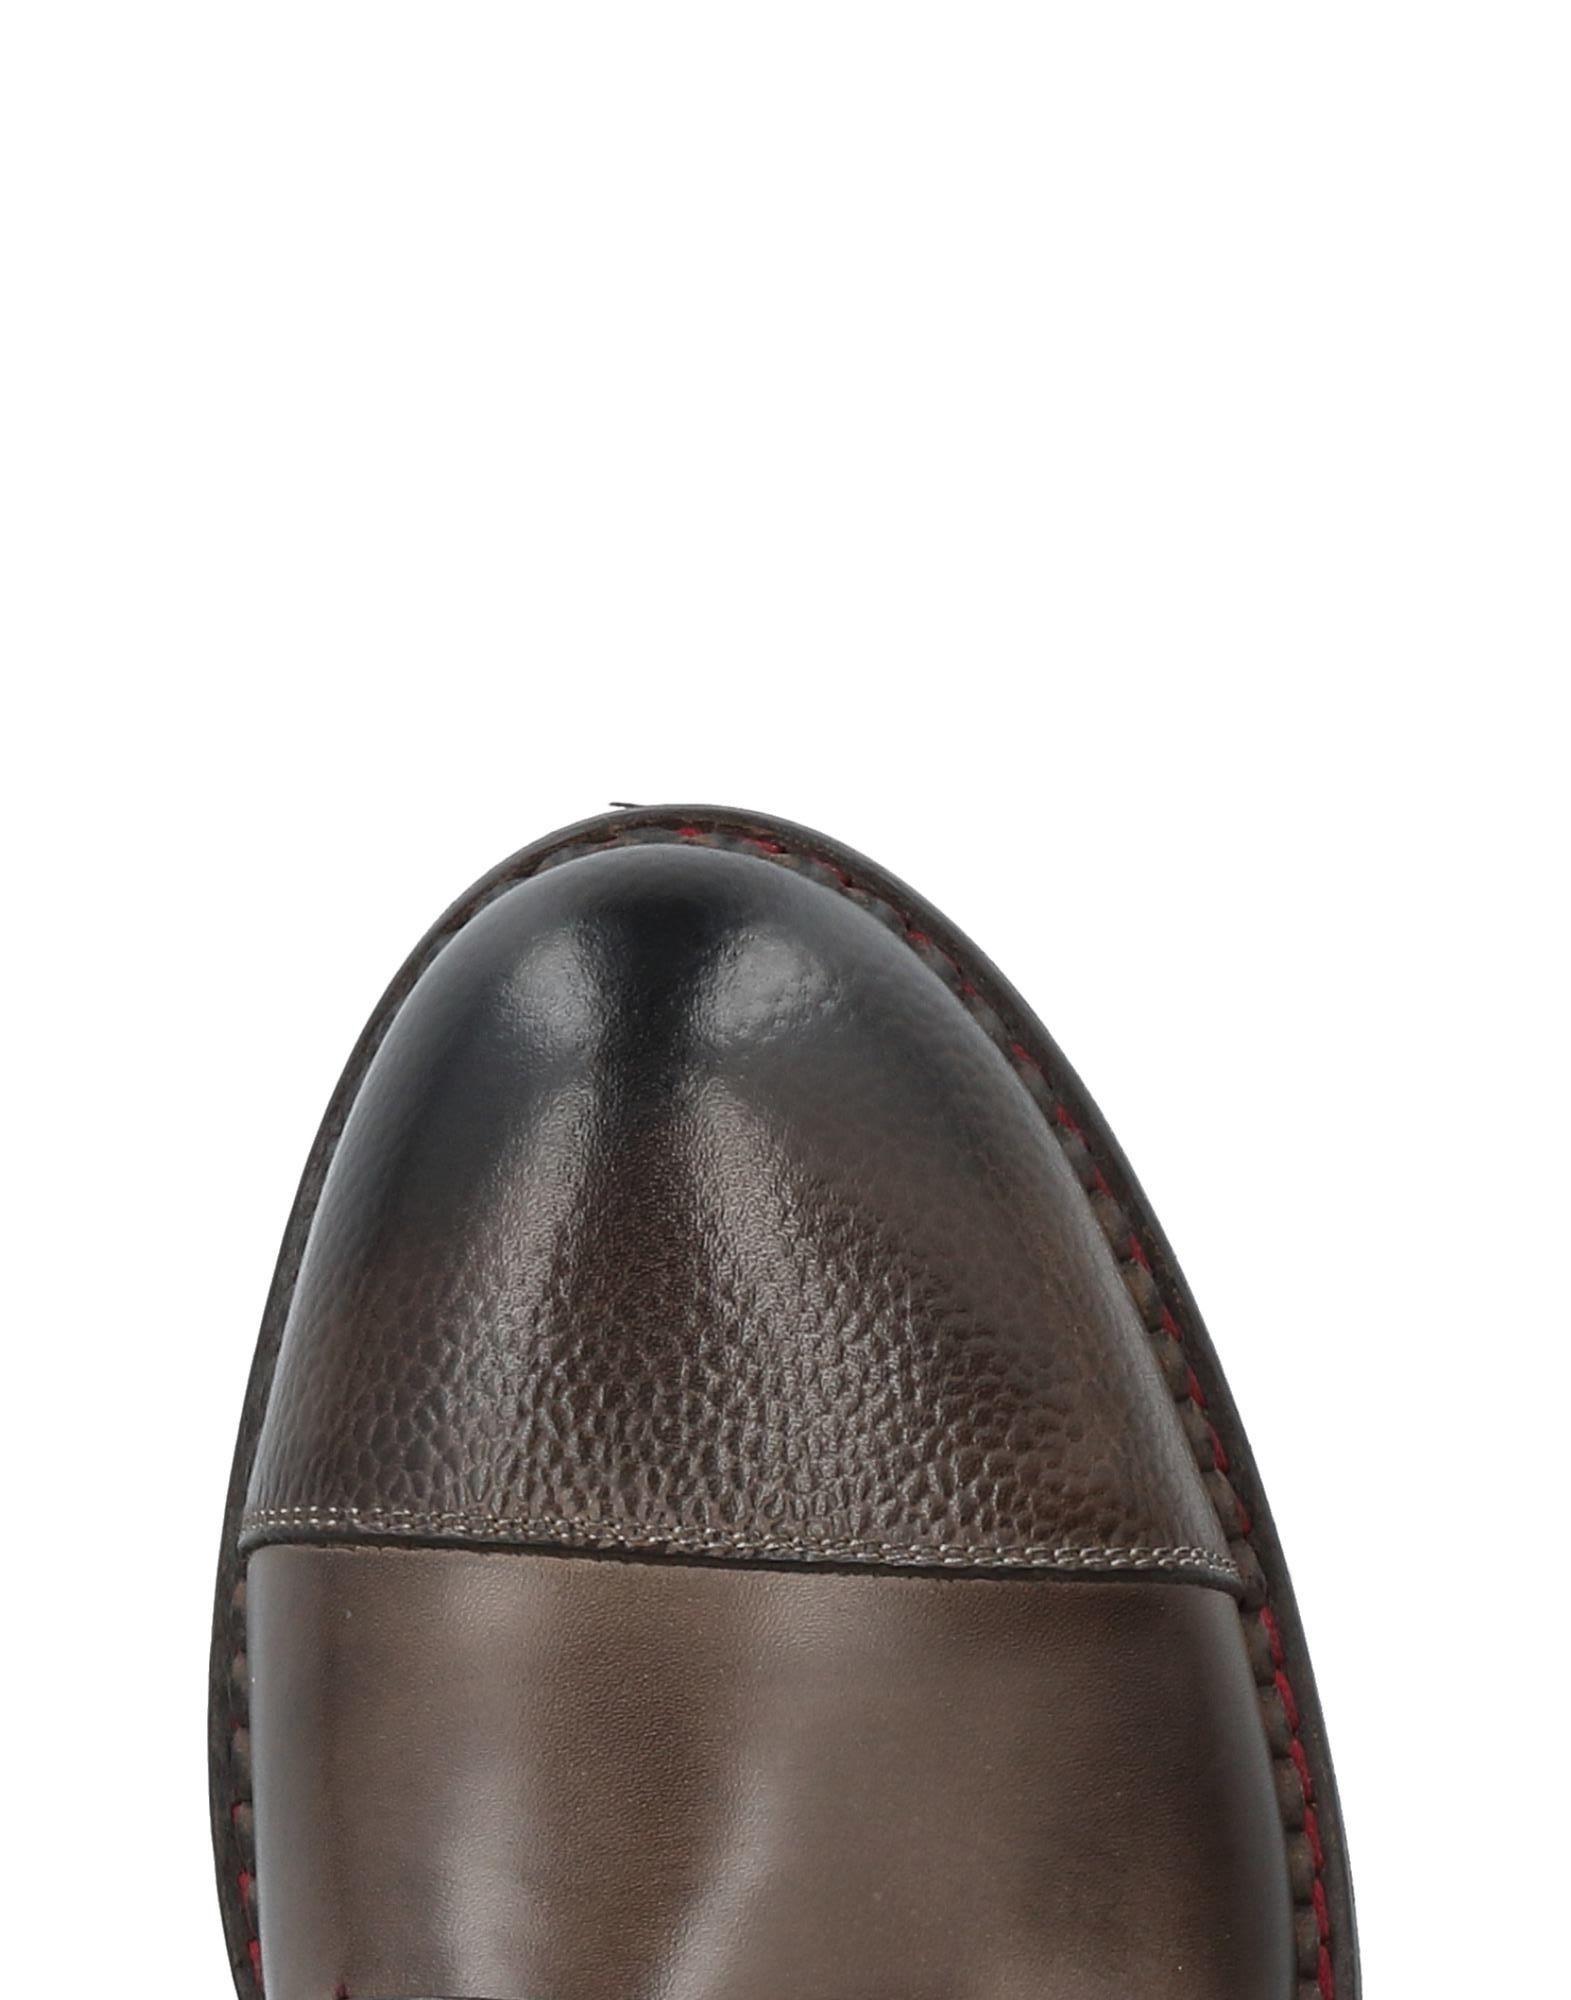 Alexander Trend Loafers - Men Alexander Trend Loafers Loafers Loafers online on  Australia - 11454554FL f1deb3